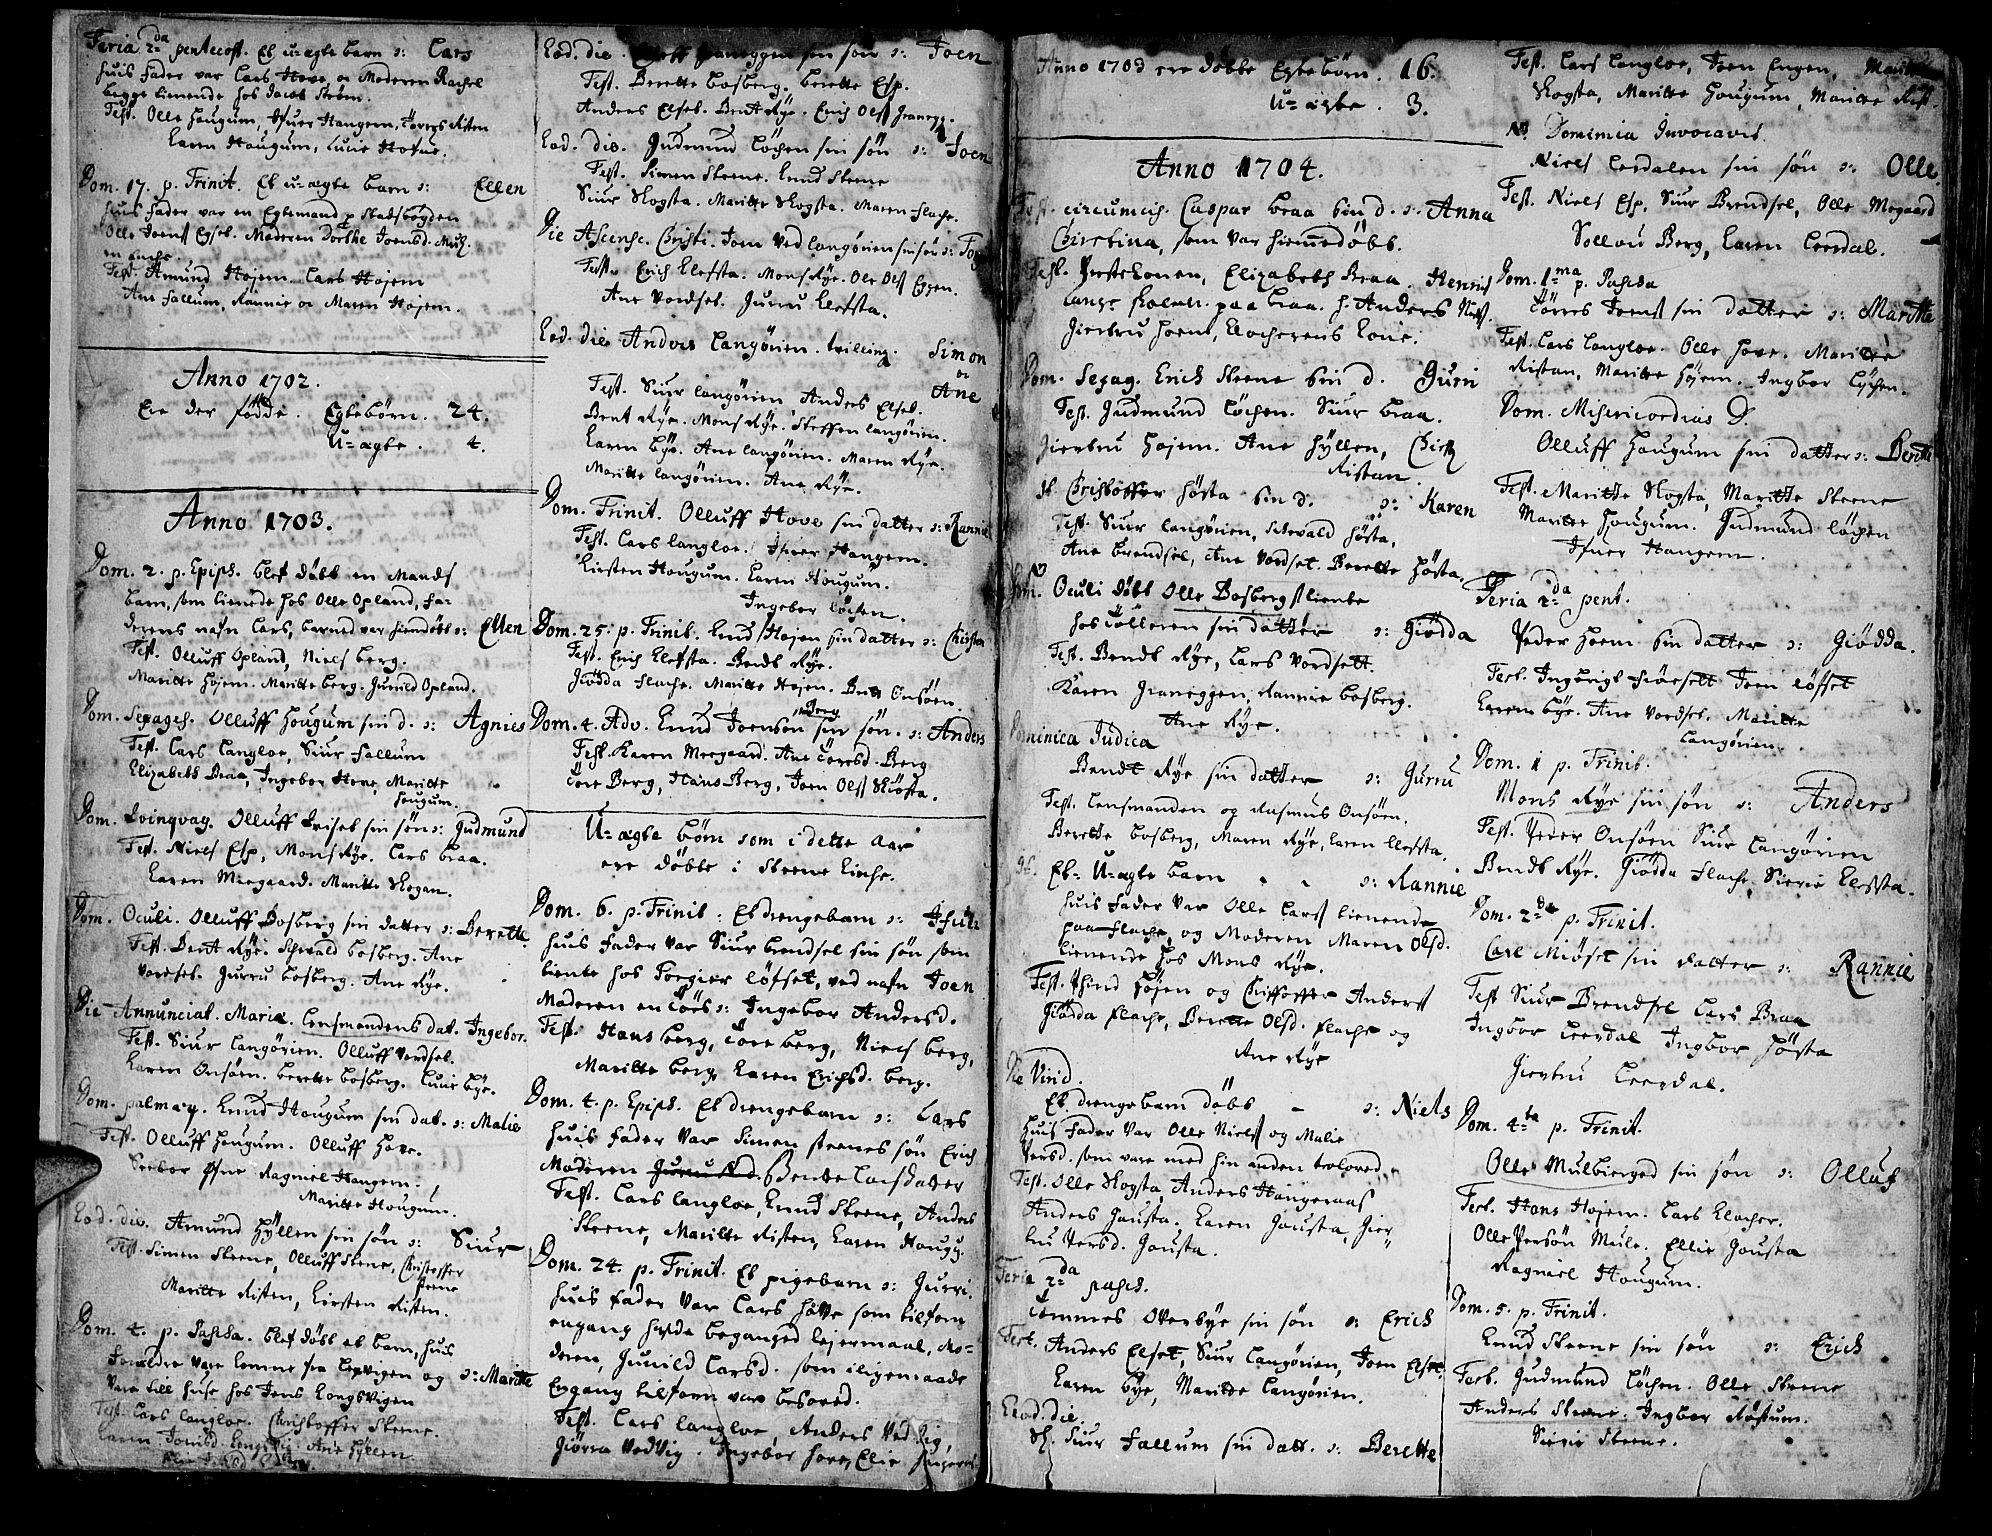 SAT, Ministerialprotokoller, klokkerbøker og fødselsregistre - Sør-Trøndelag, 612/L0368: Ministerialbok nr. 612A02, 1702-1753, s. 2